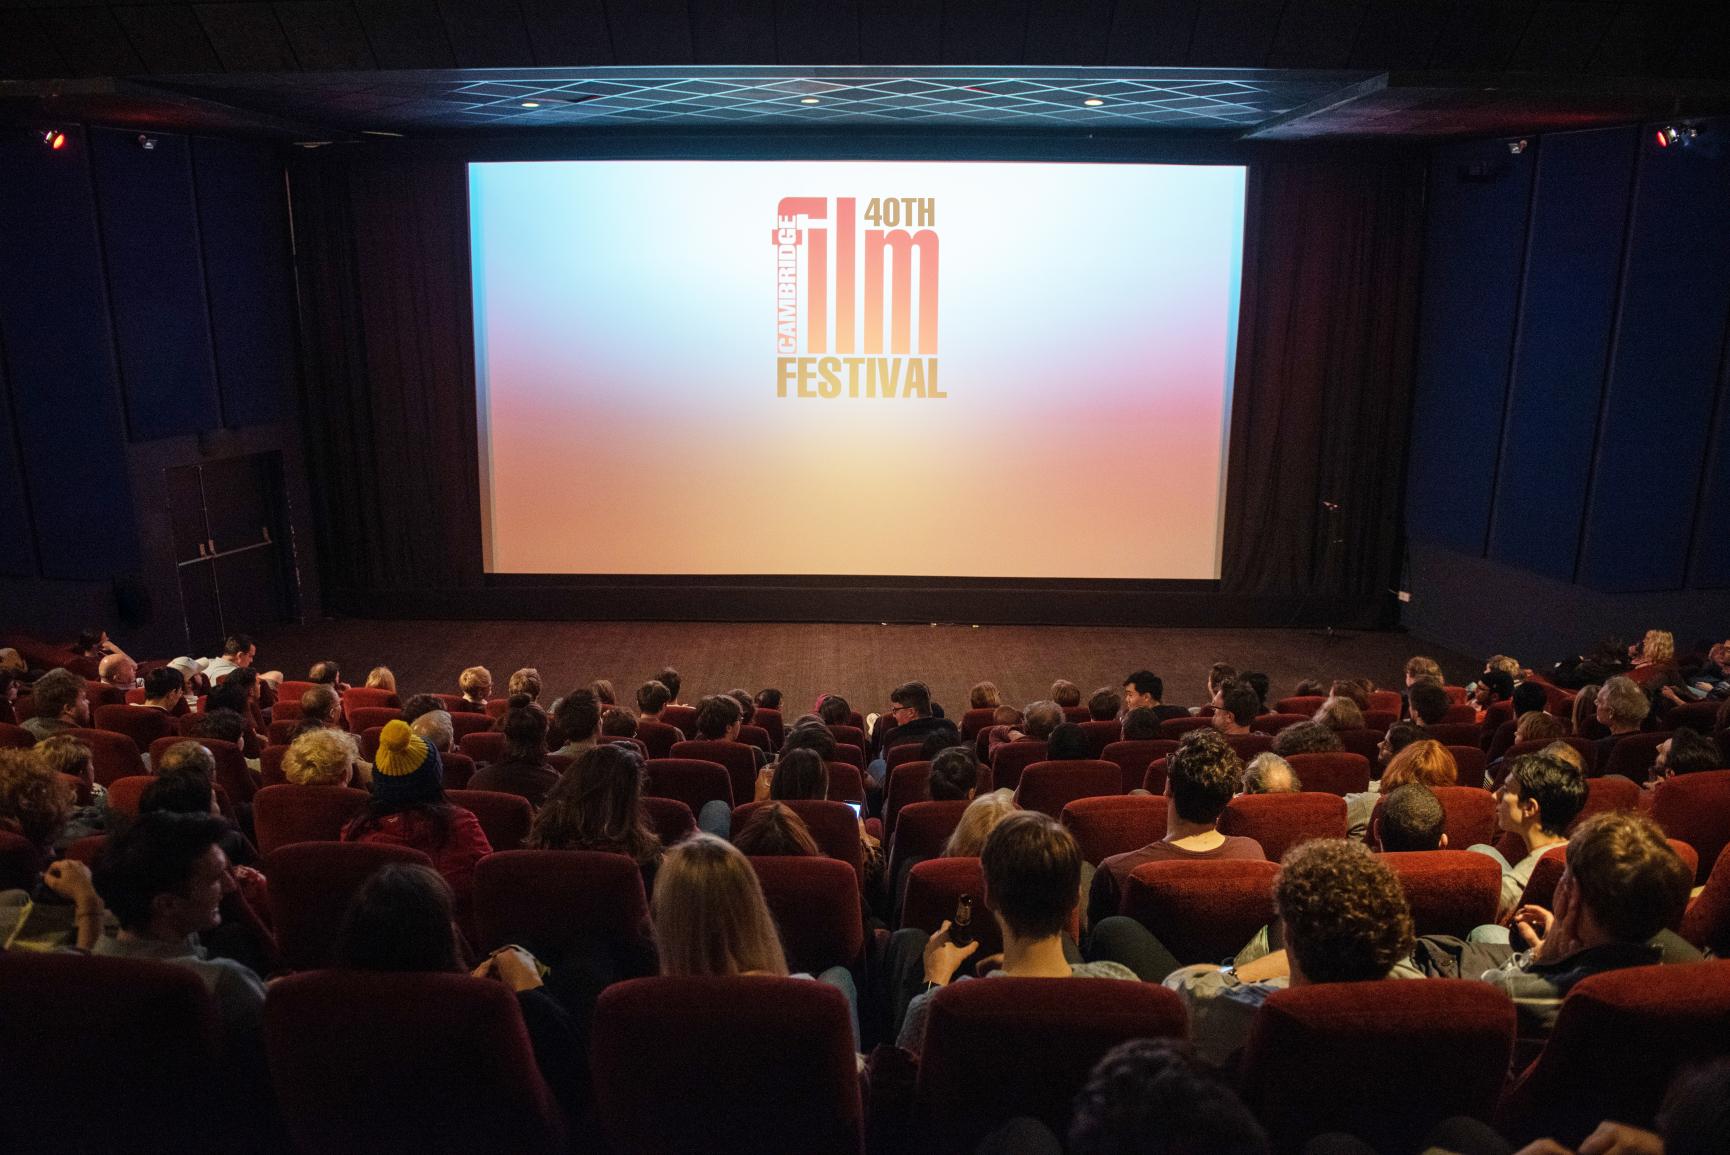 40th Cambridge Film Festival